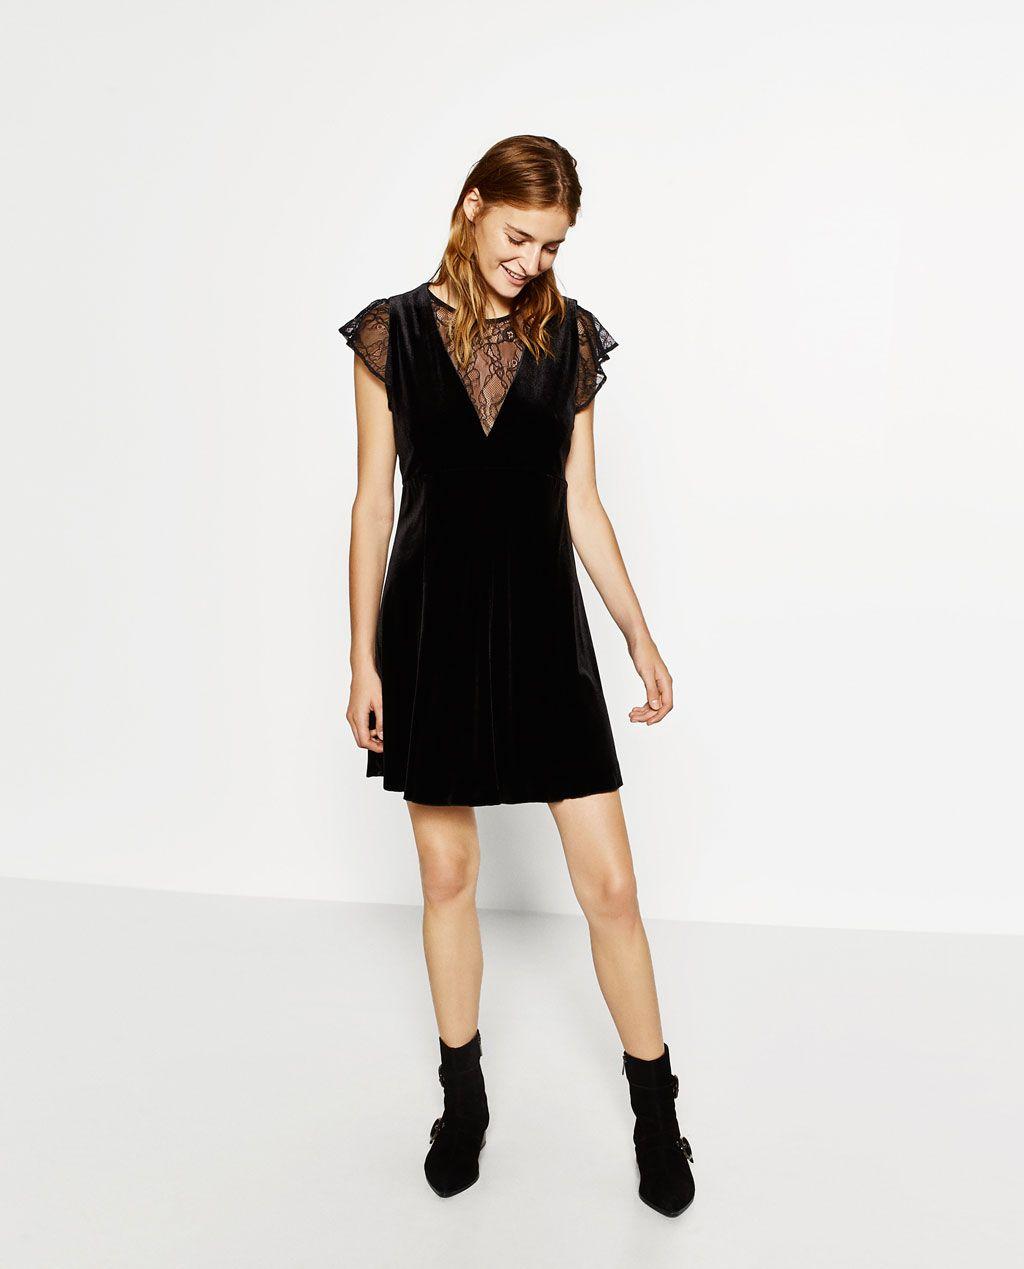 I Zara Kjole Af Velour Inspiration Fra Fashion Billede 1 wP6qtt